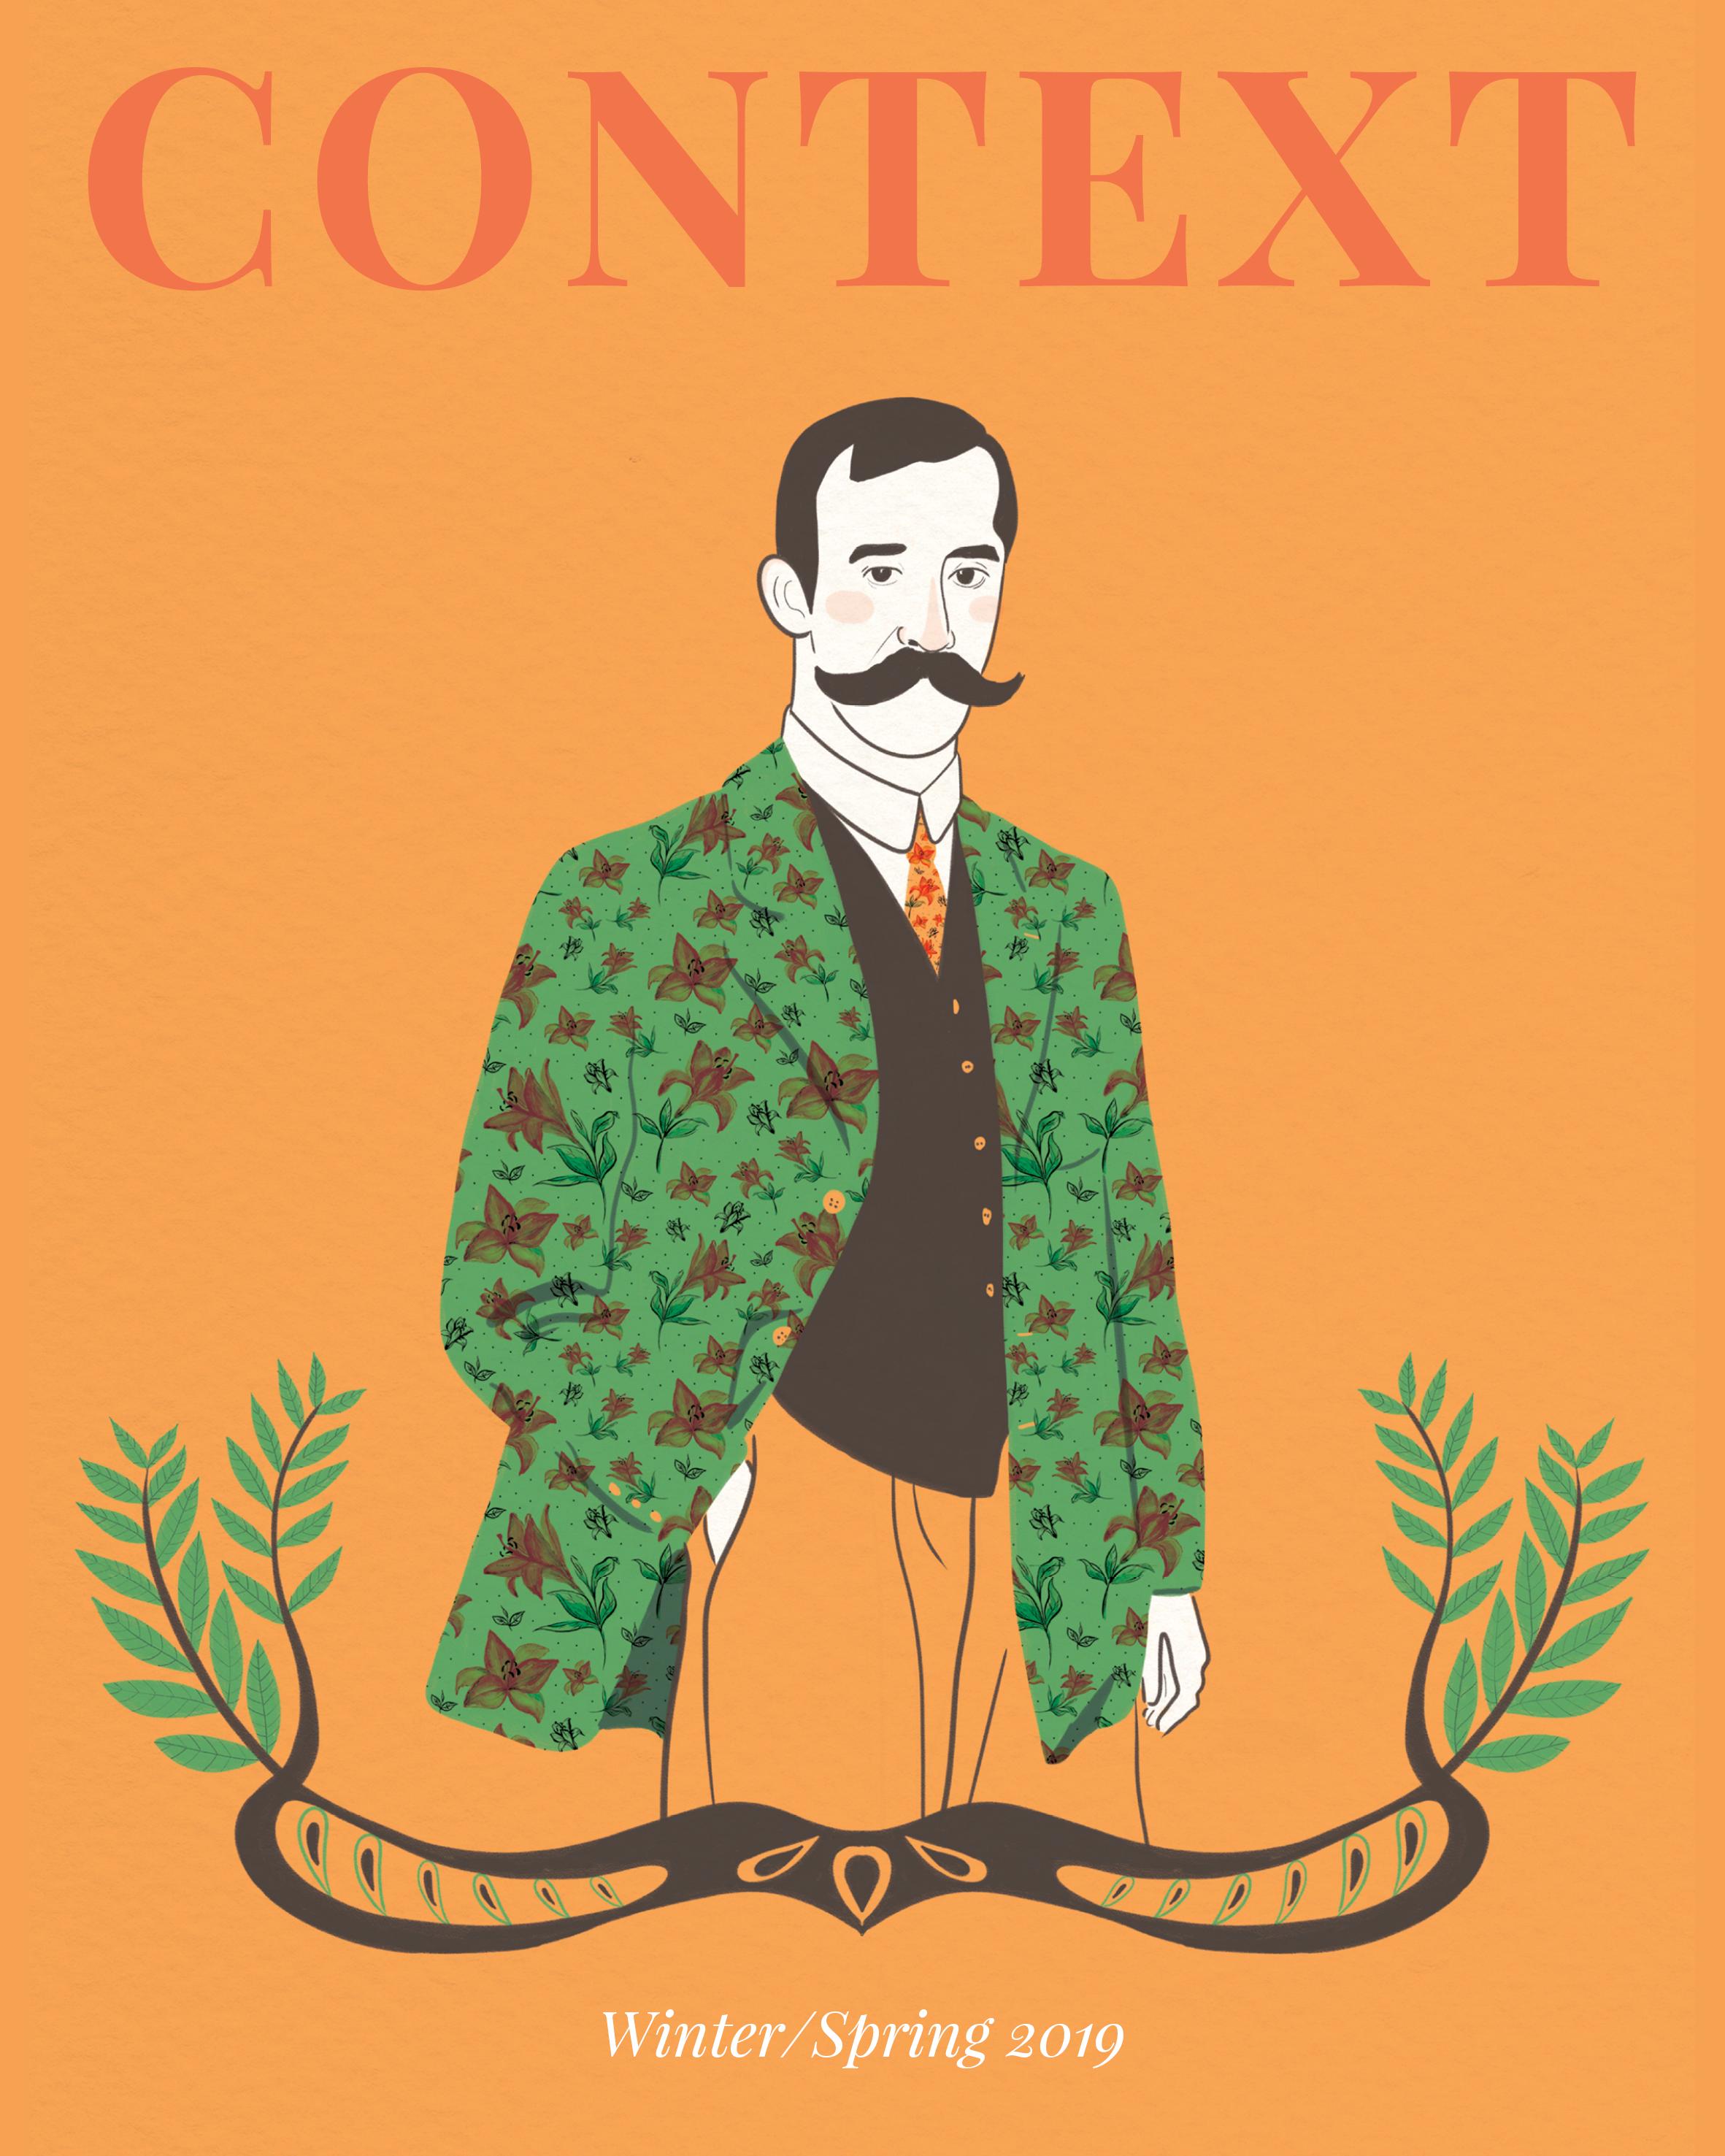 Cover art provided by    Simona De Leo   .